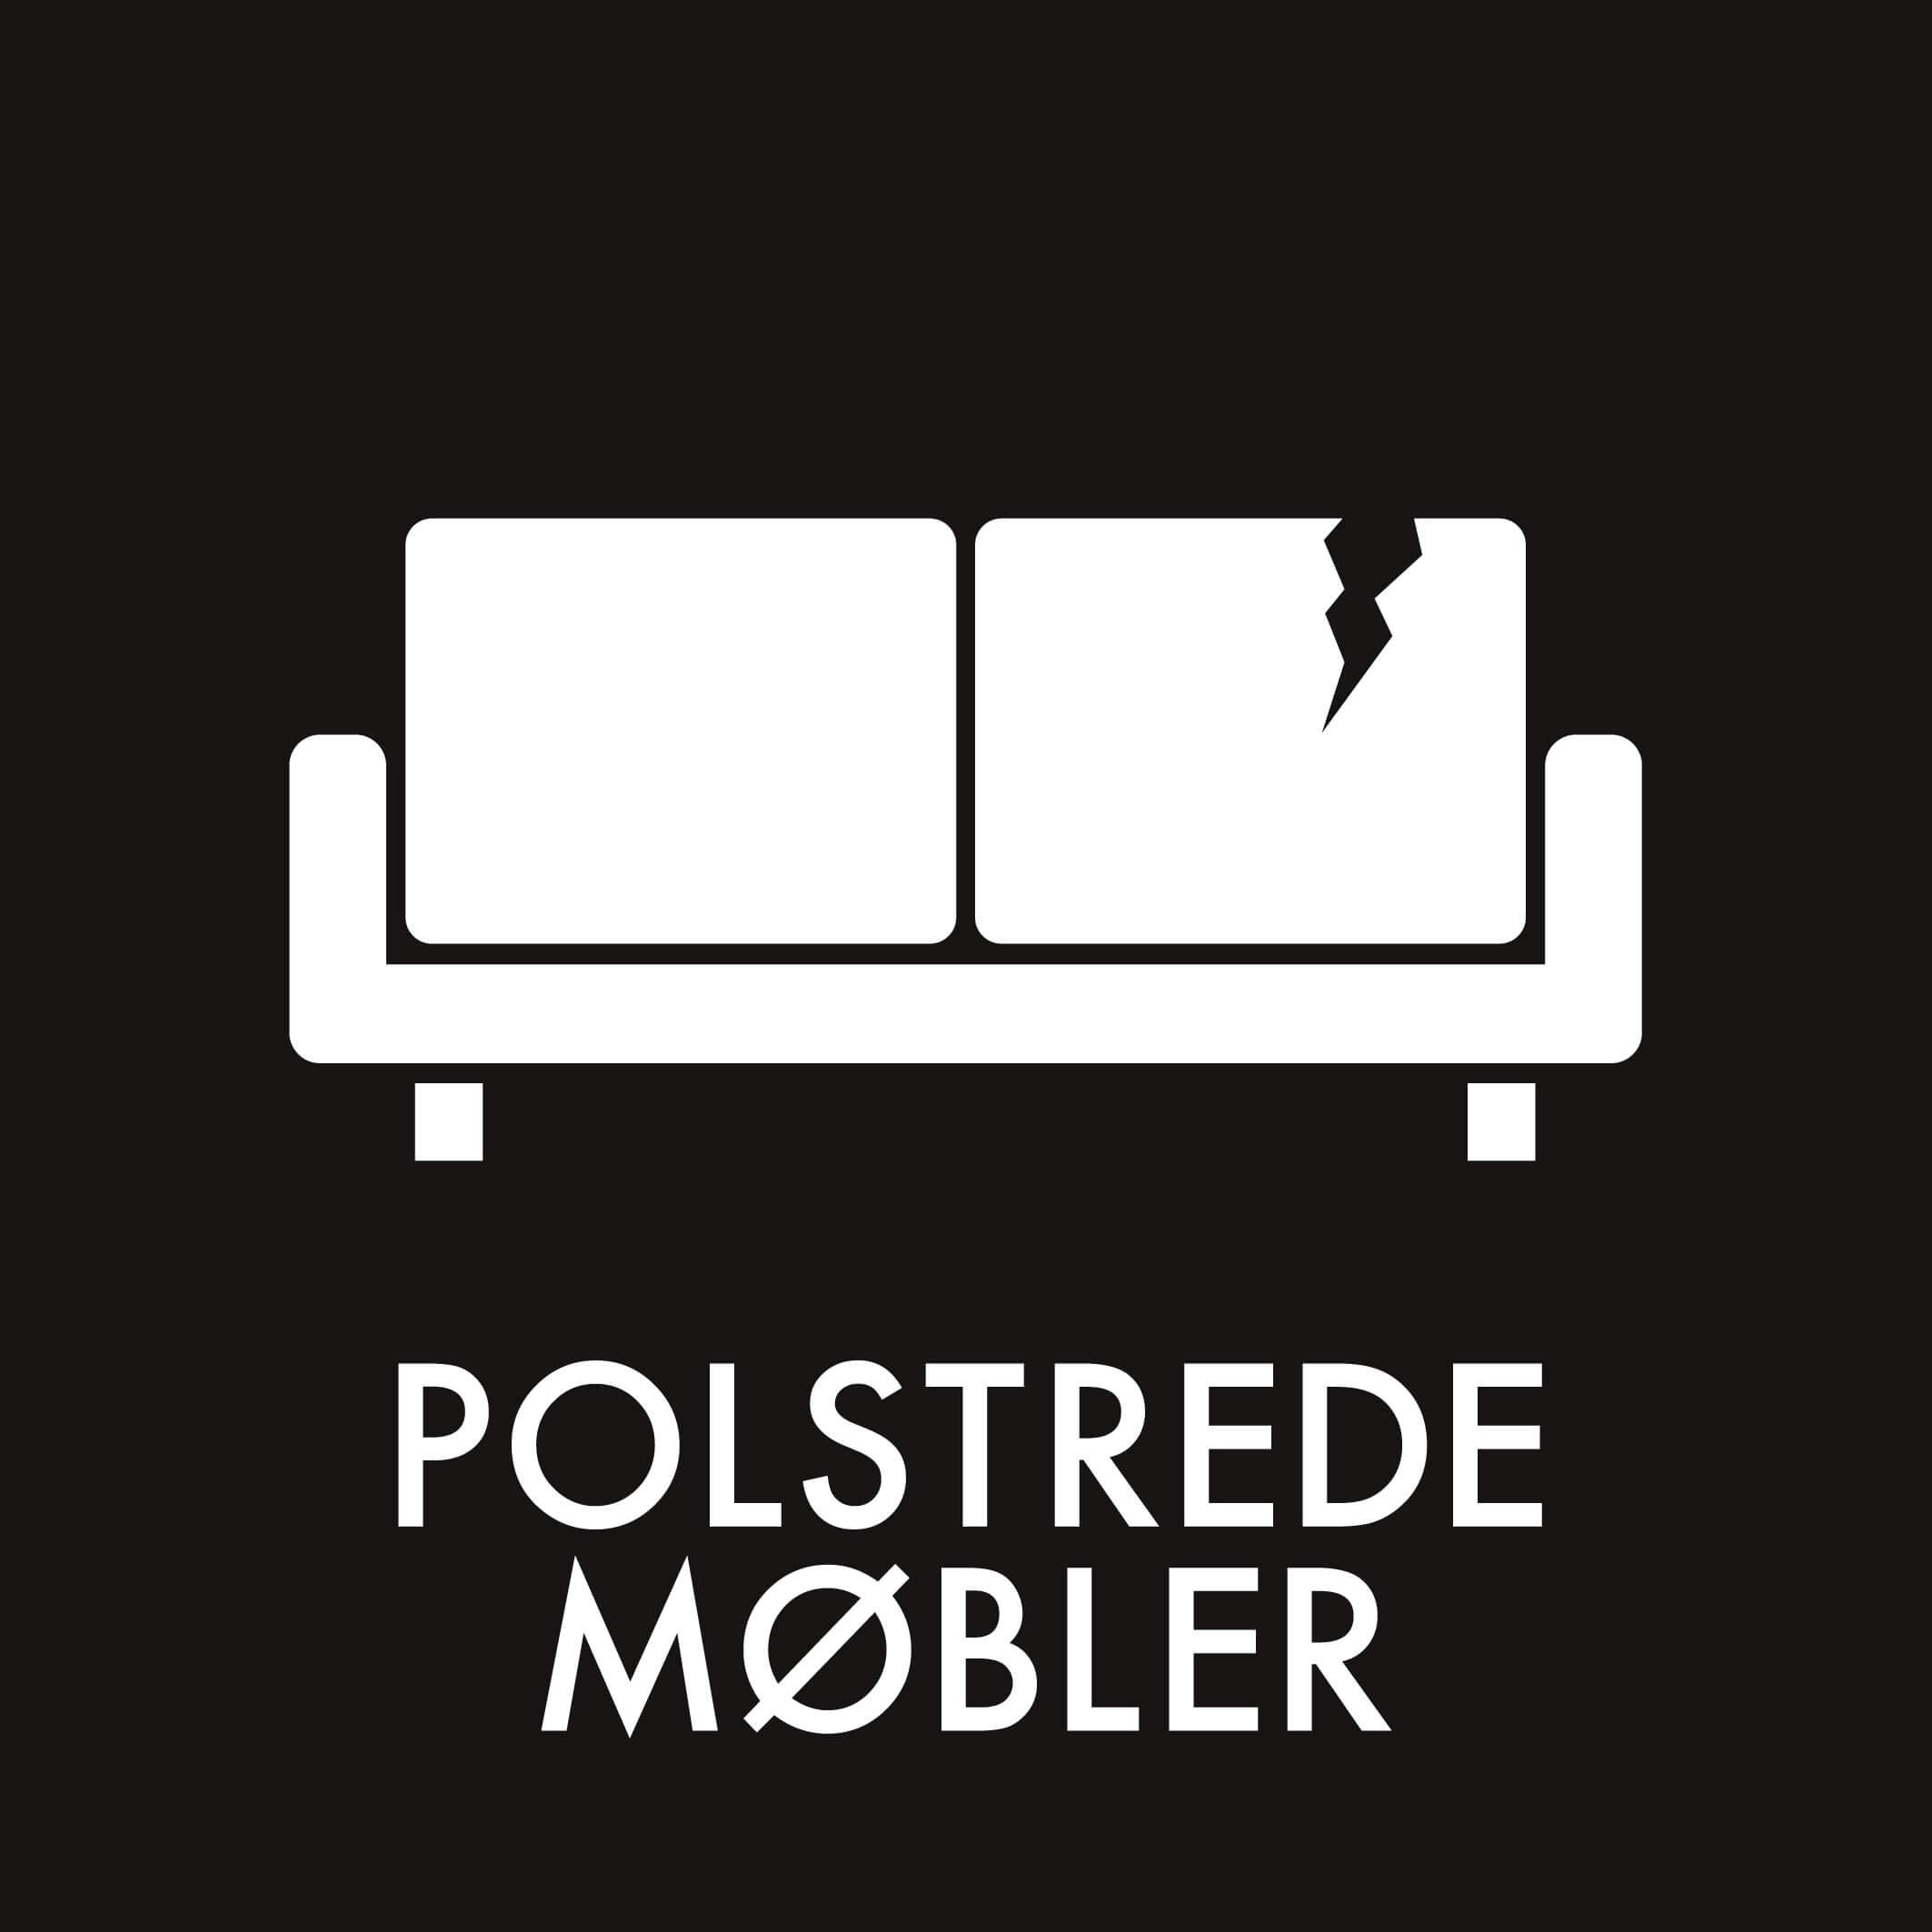 Dansk Affaldssortering - Polstrede møbler sort